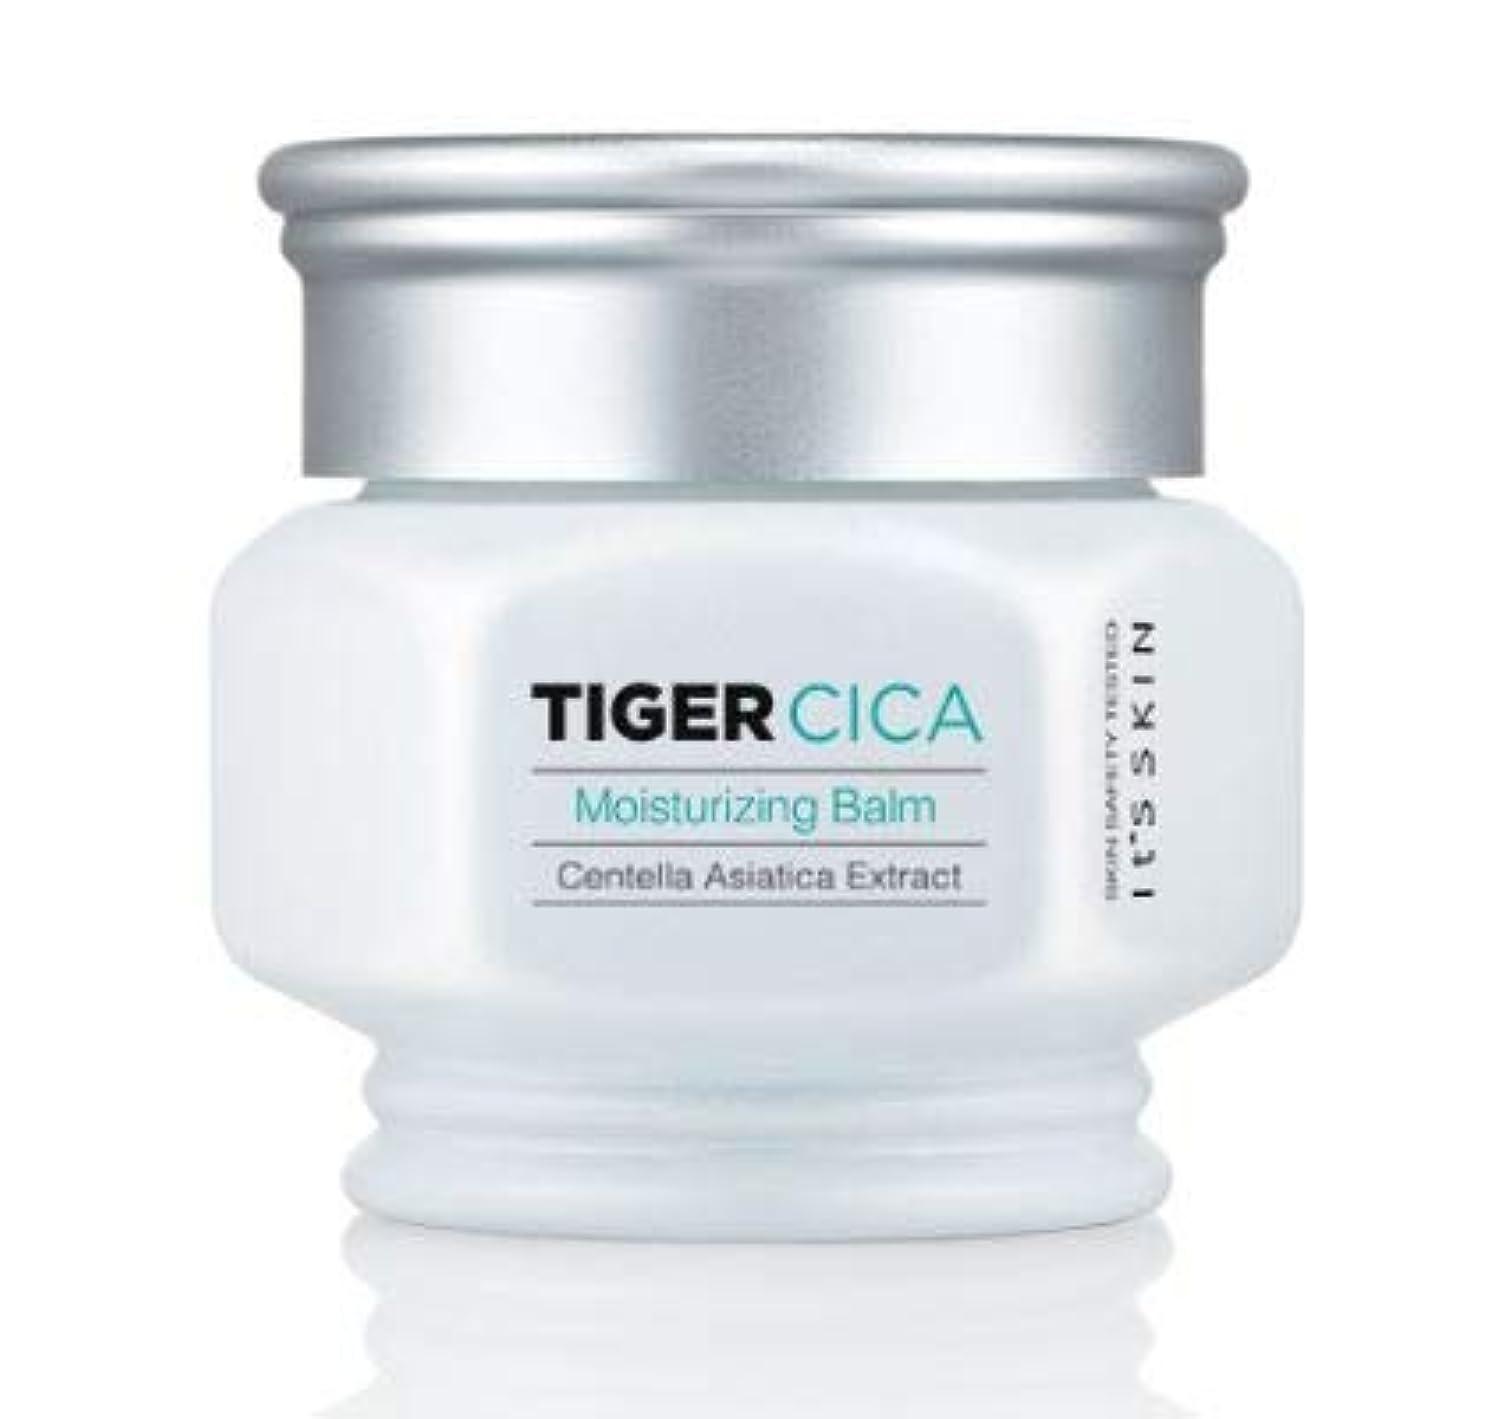 割れ目言い直すカップル[It's Skin] Tiger Cica Moisturizing Balm 50ml /[イッツスキン] タイガーシカ モイスチャライジング バーム 50ml [並行輸入品]